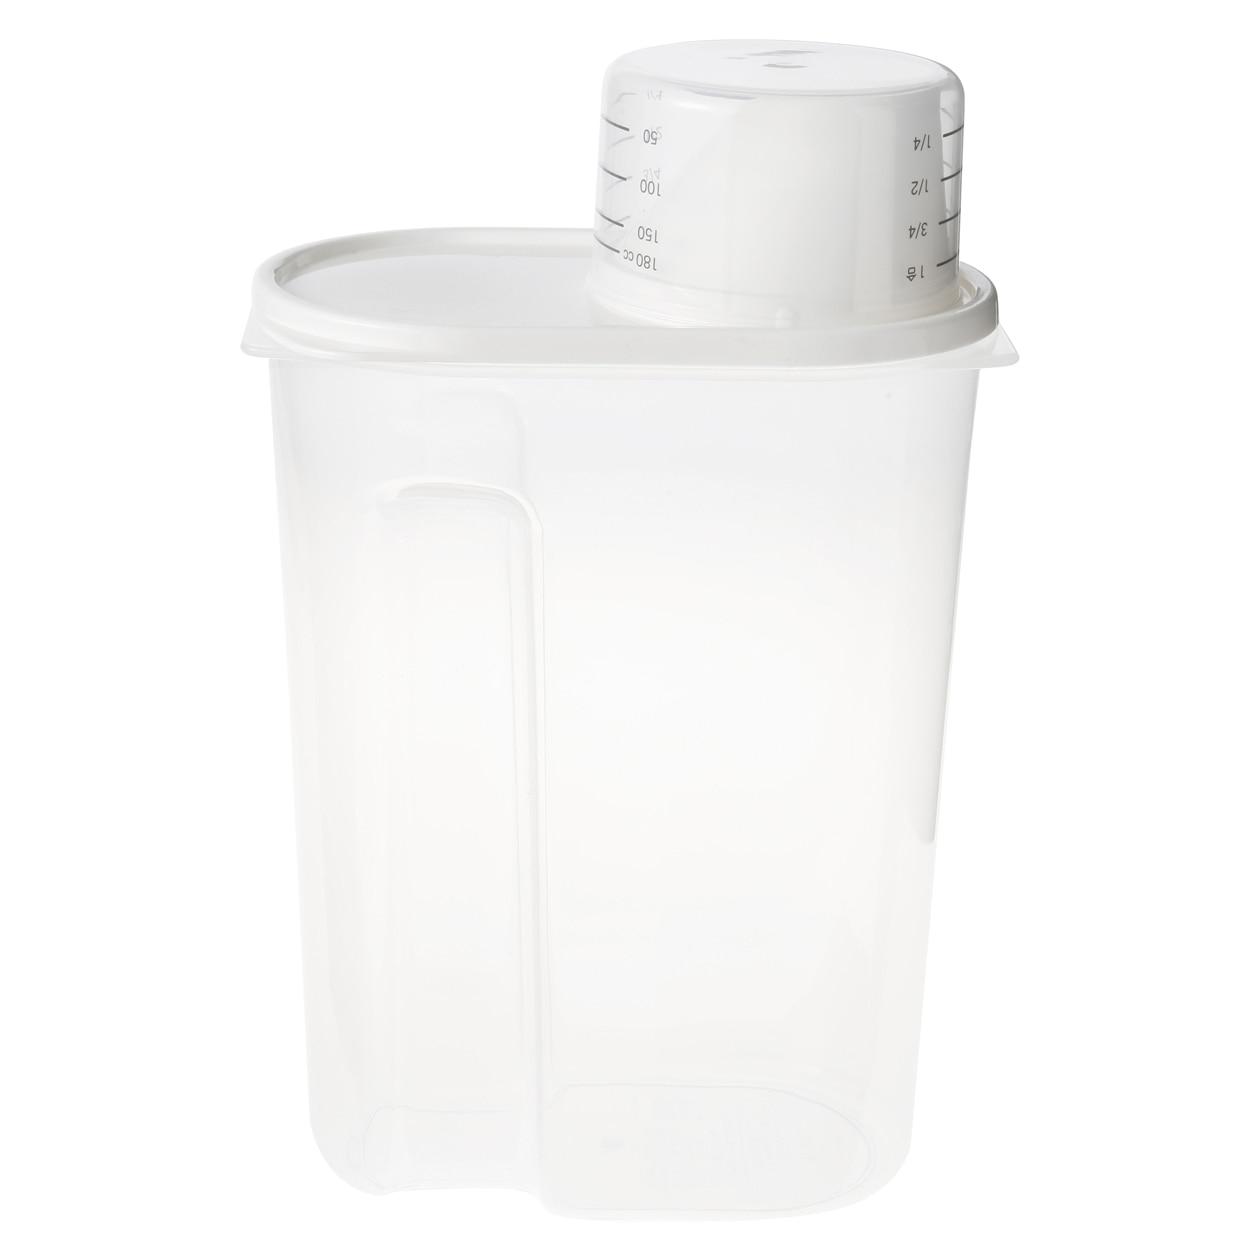 無印良品の米びつ(保存容器)が便利!冷蔵庫に収まるサイズで使いやすい! | 素敵女子の暮らしのバイブルJelly[ジェリー]